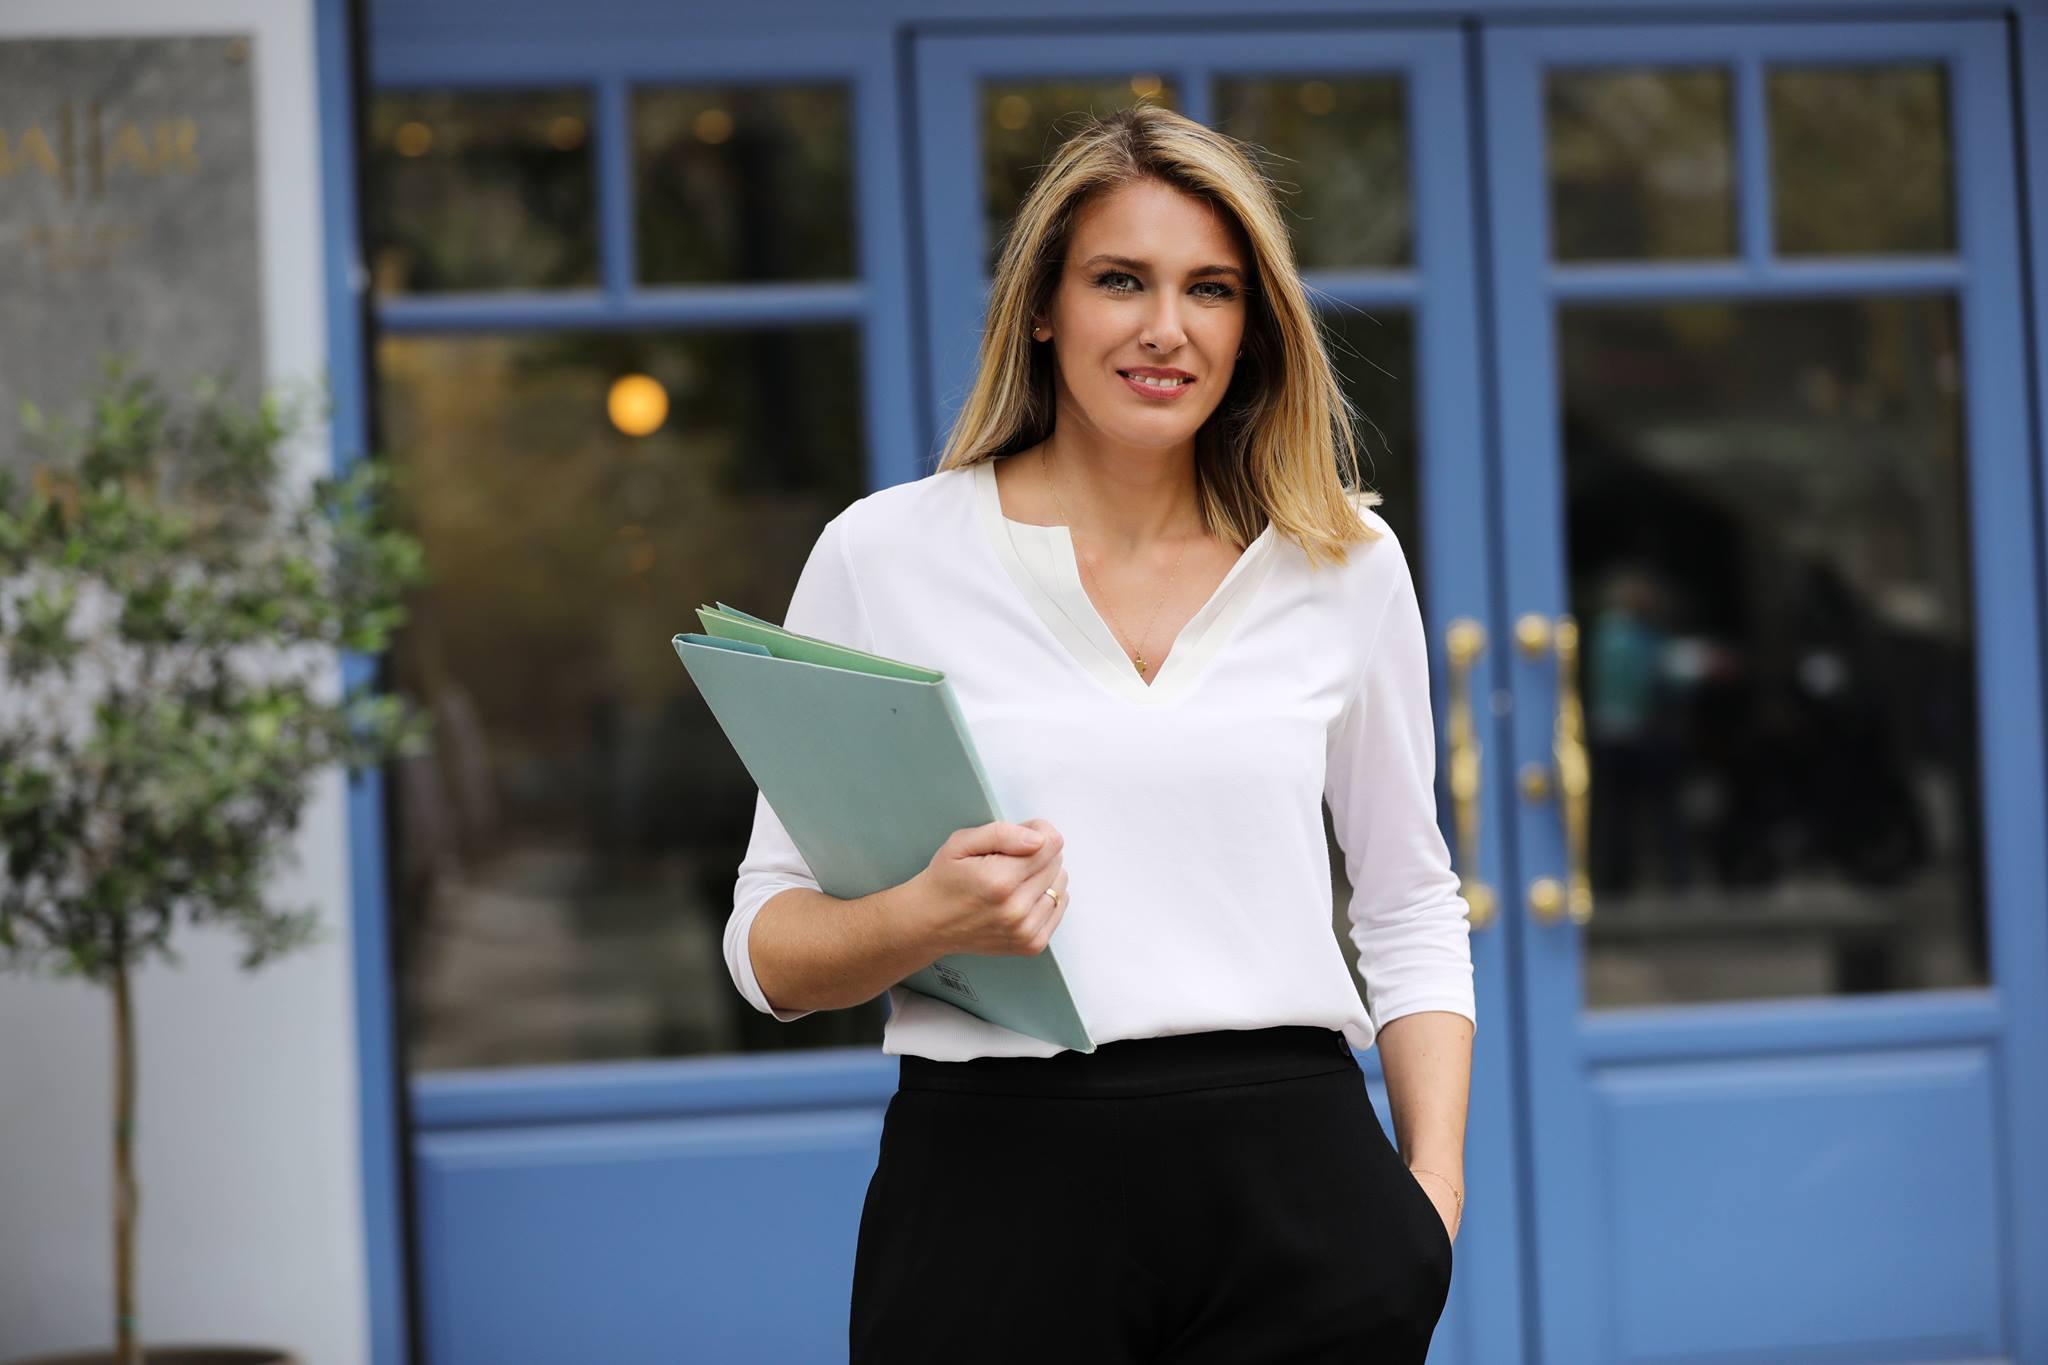 Η δικηγόρος και εργατολόγος Αννα Ευθυμίου εκλέγεται βουλευτής με το κόμμα της ΝΔ